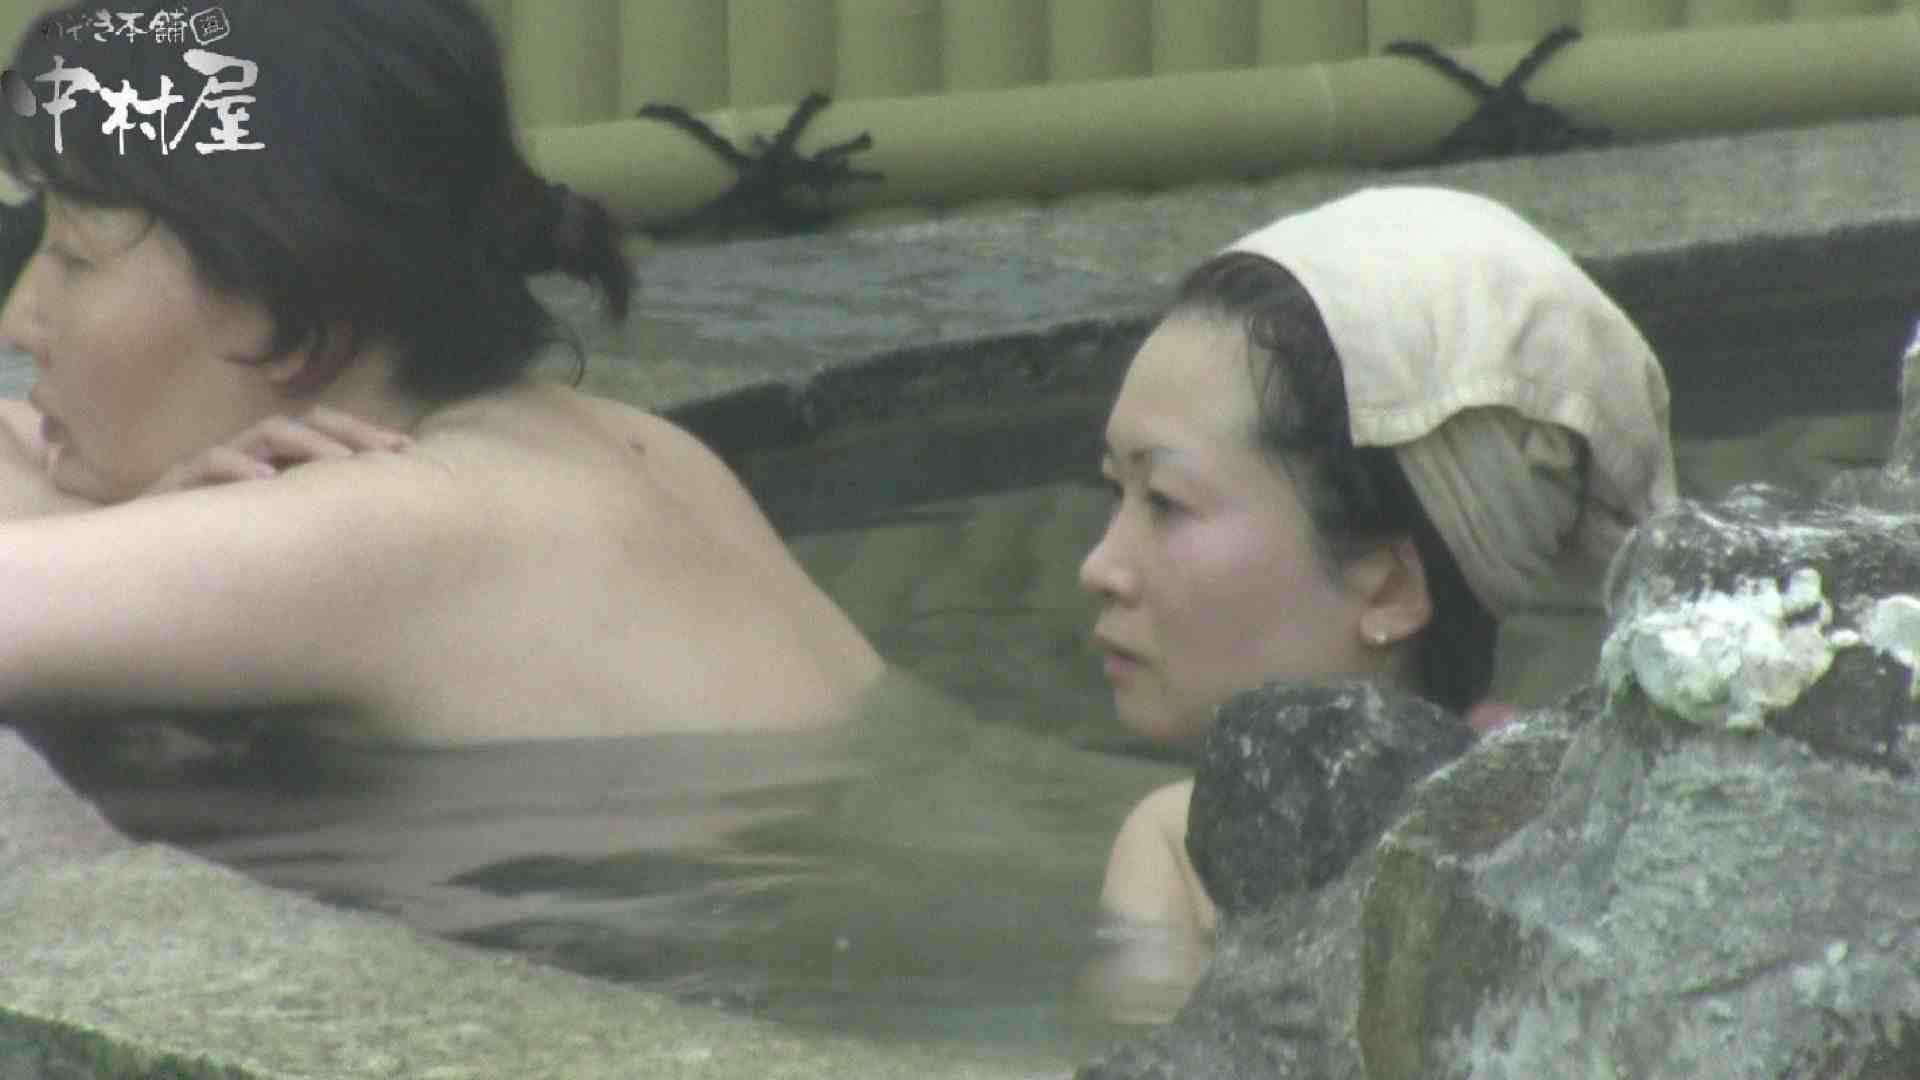 Aquaな露天風呂Vol.906 盗撮  92画像 78